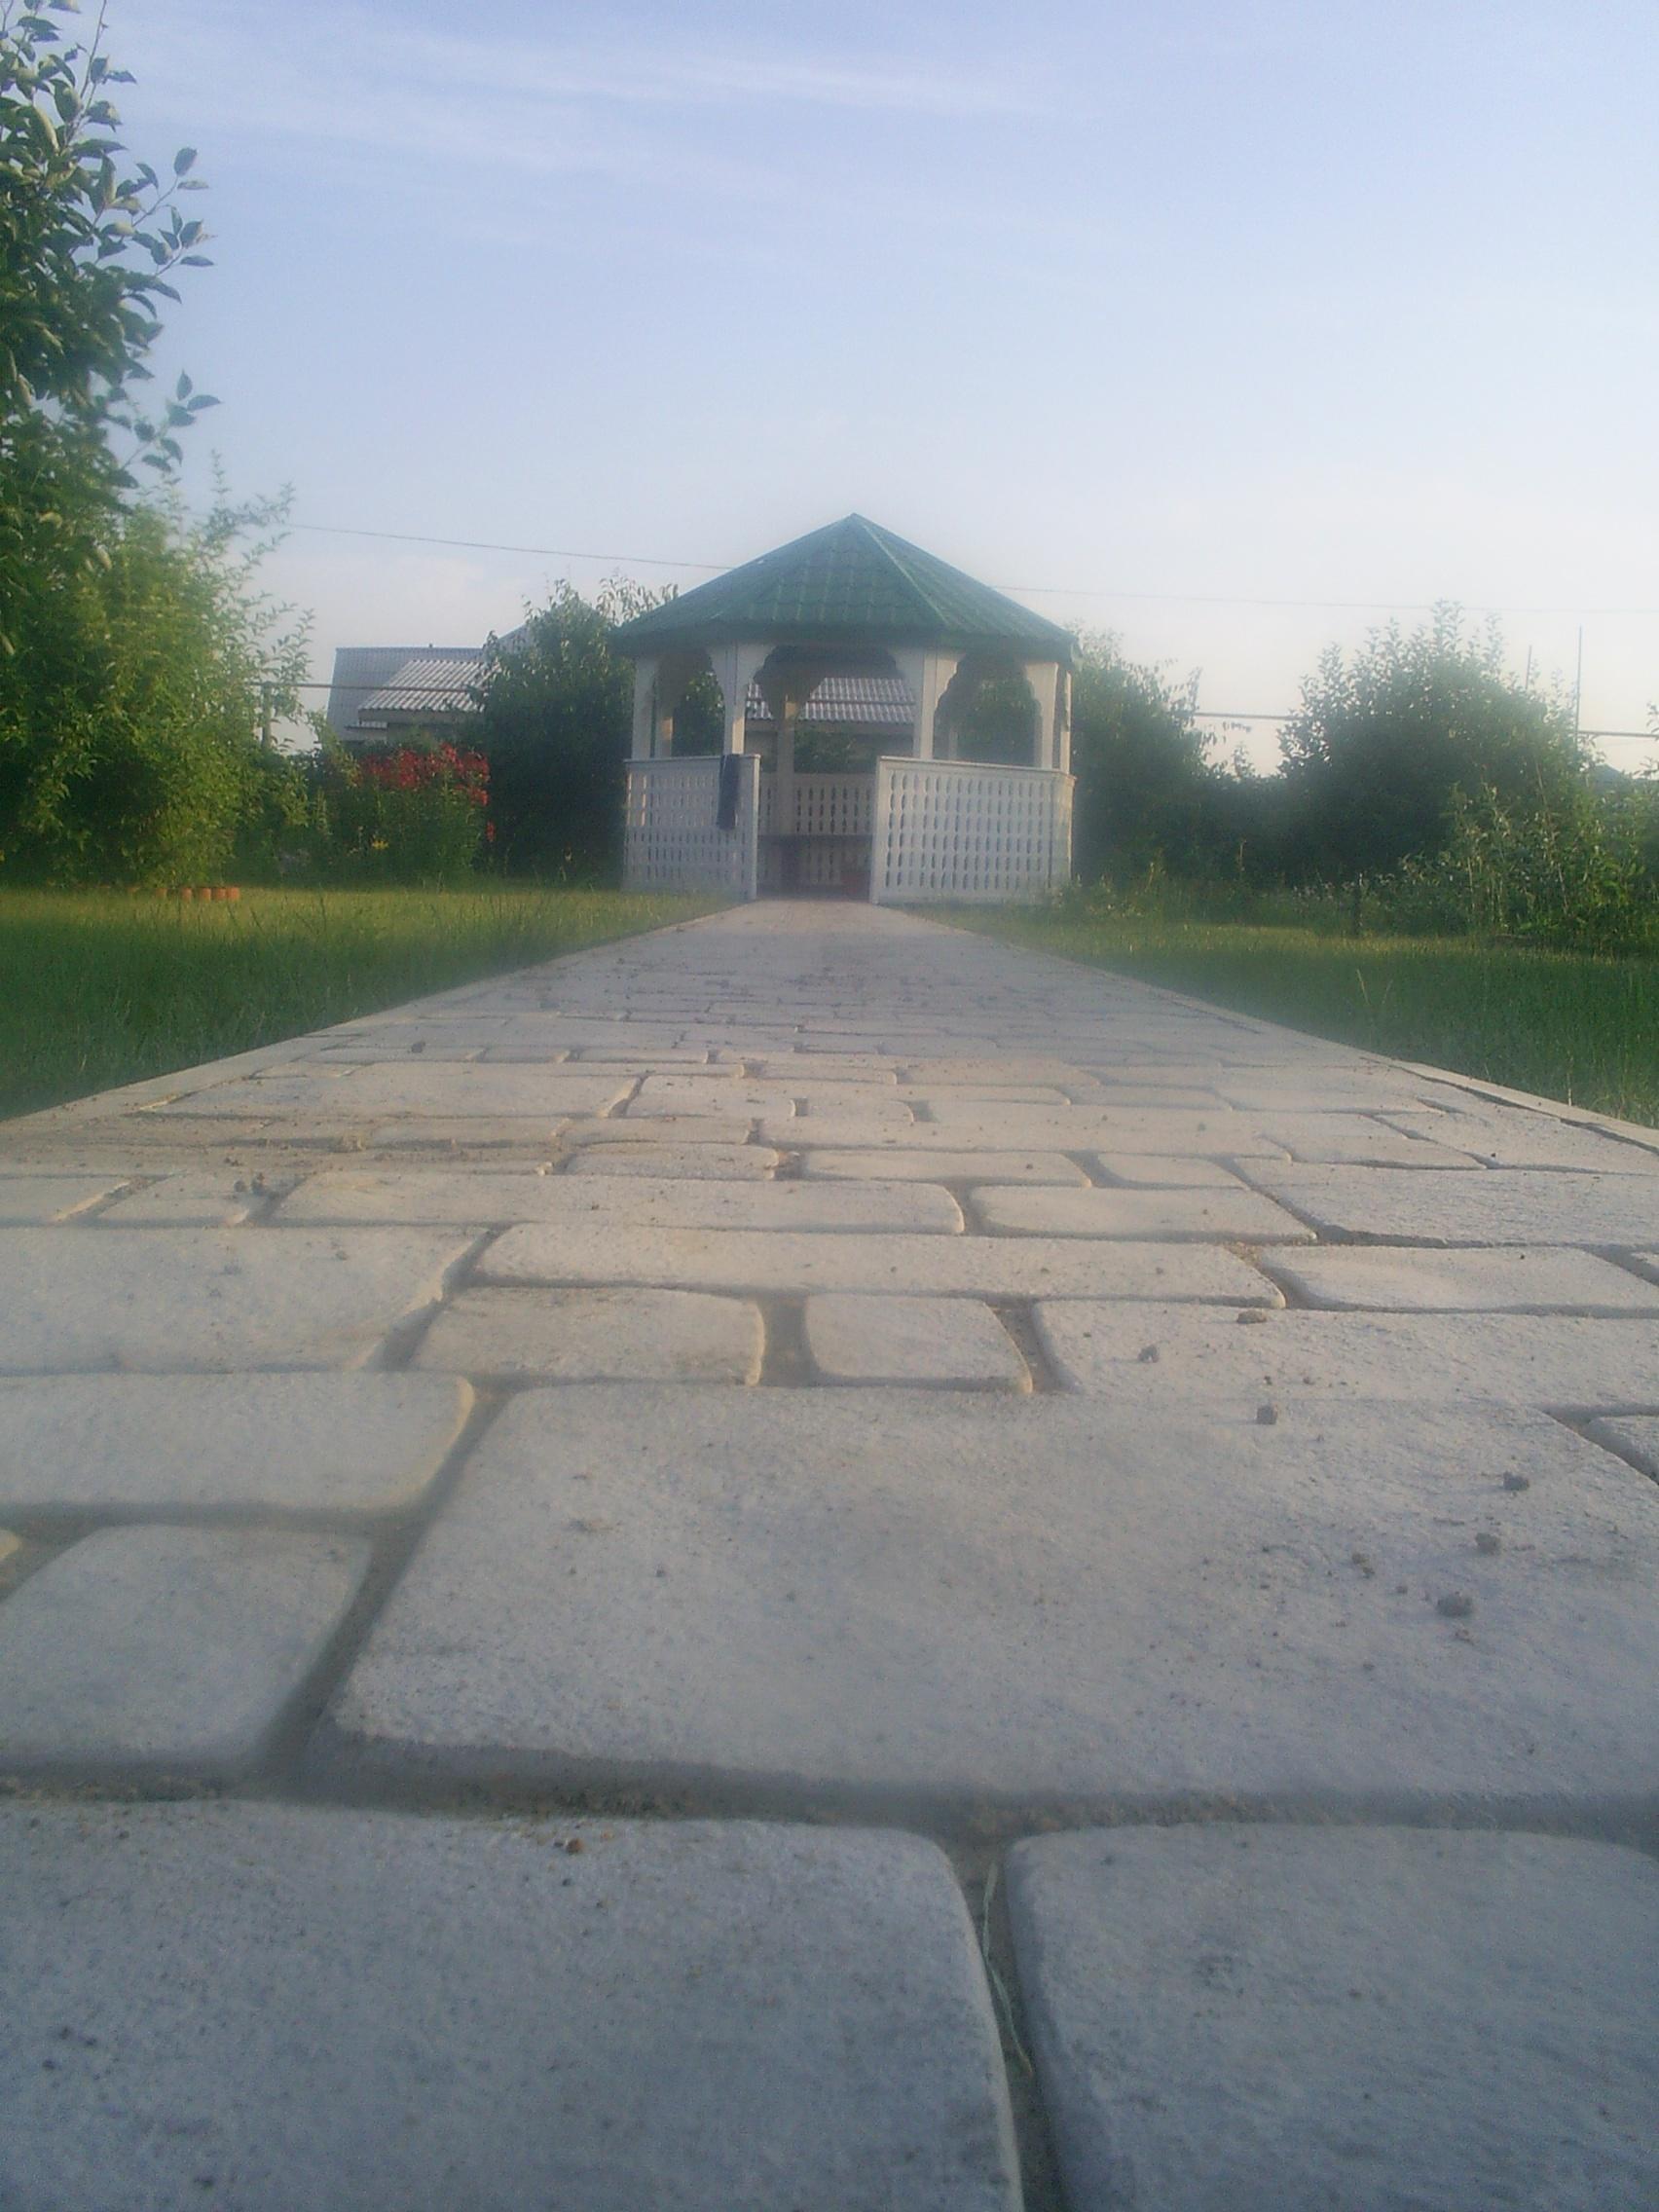 http://plitka-omsk55.ru/images/upload/S4020021.JPG